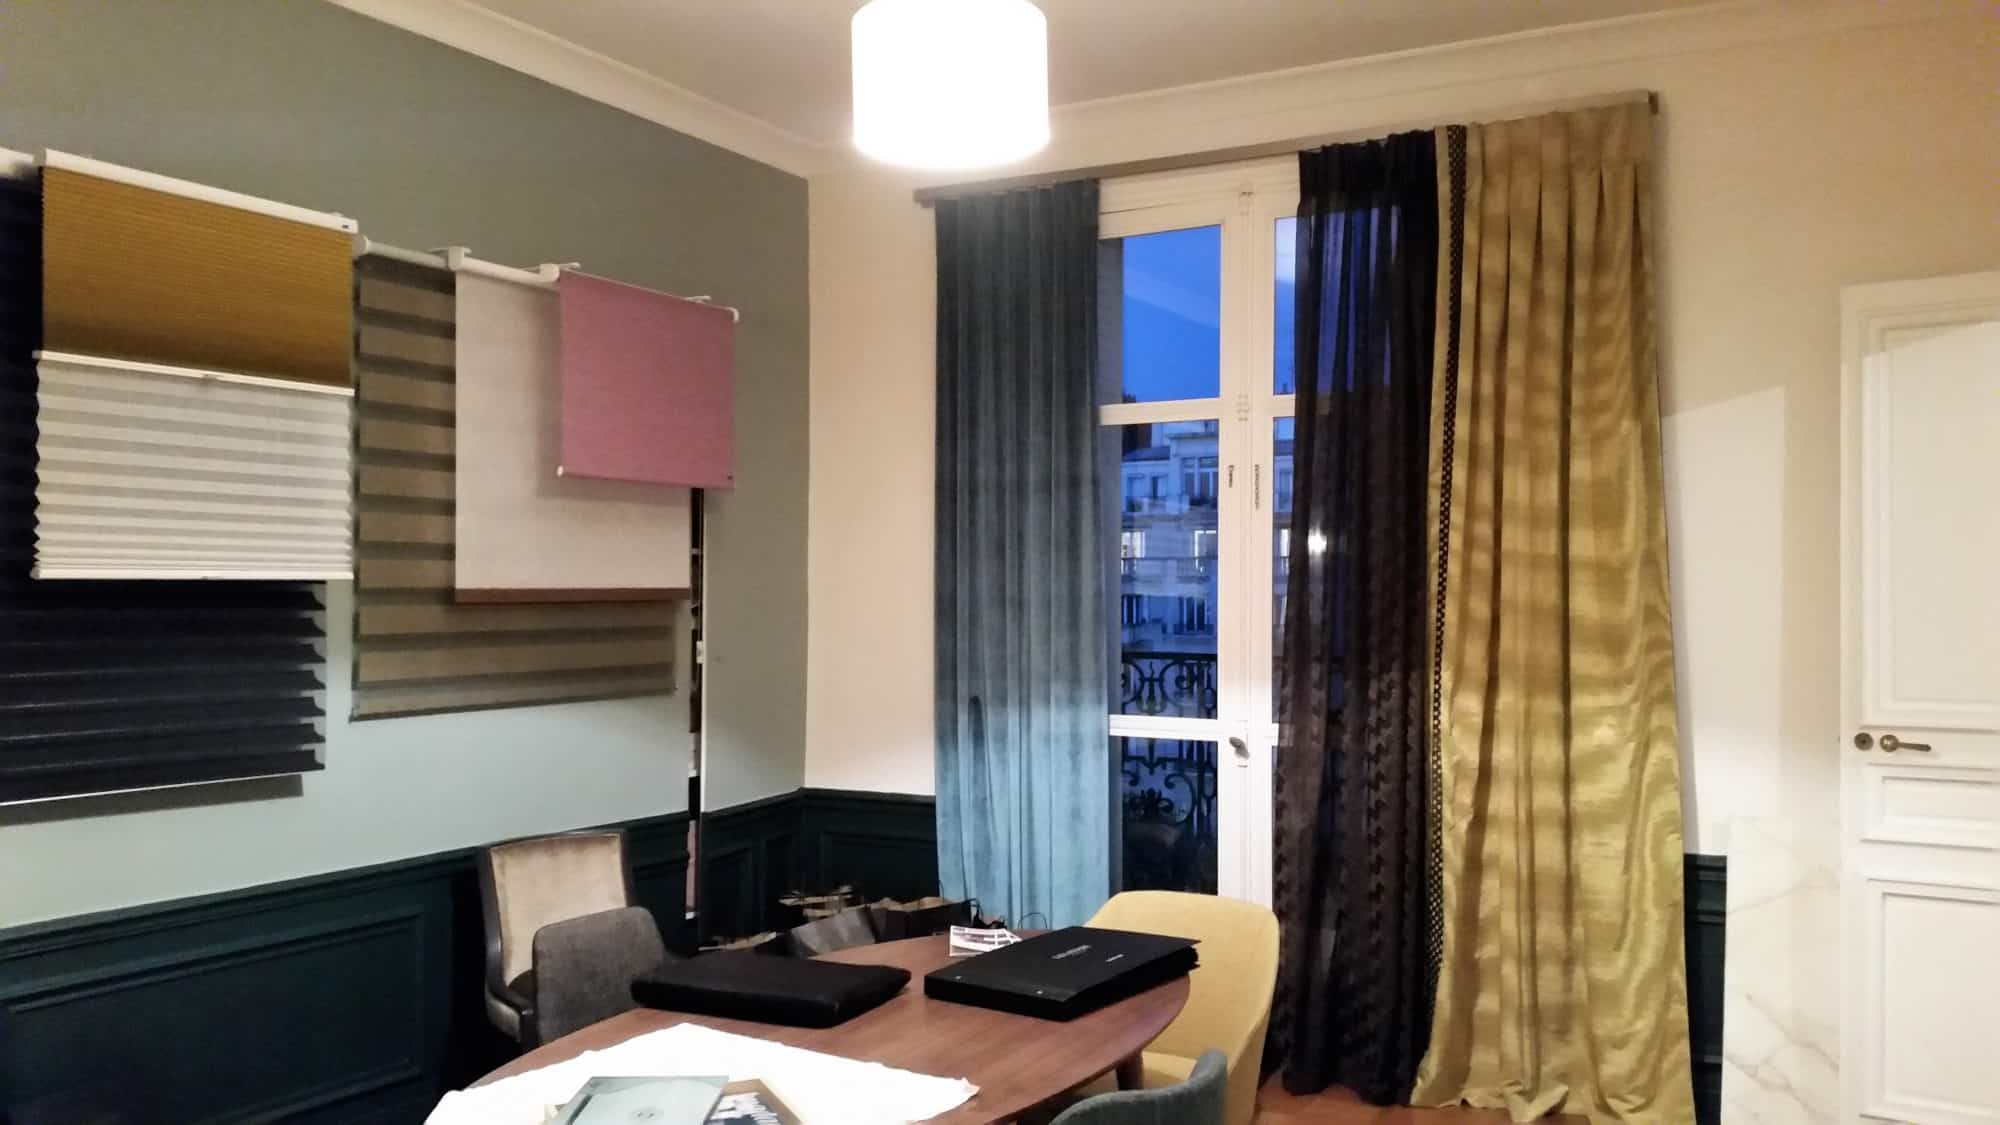 etofea rideaux haut de gamme paris associons plusieurs tissus. Black Bedroom Furniture Sets. Home Design Ideas